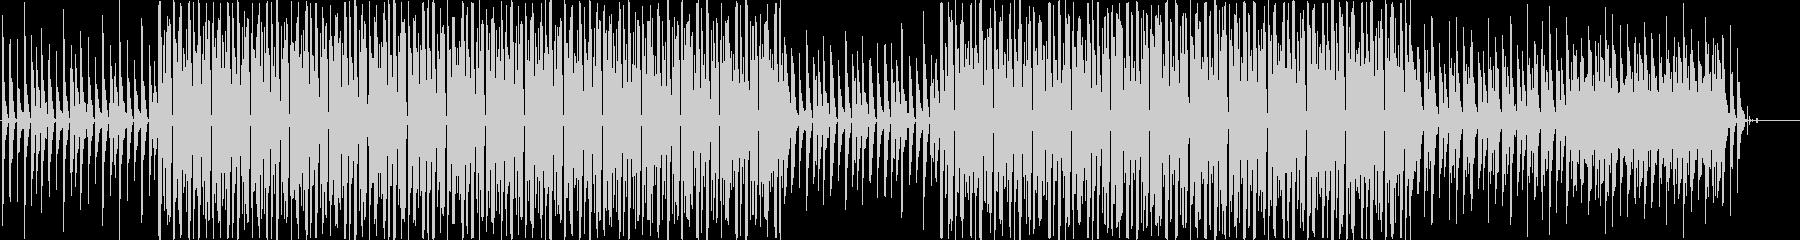 前向きなチップチューンBGMですの未再生の波形